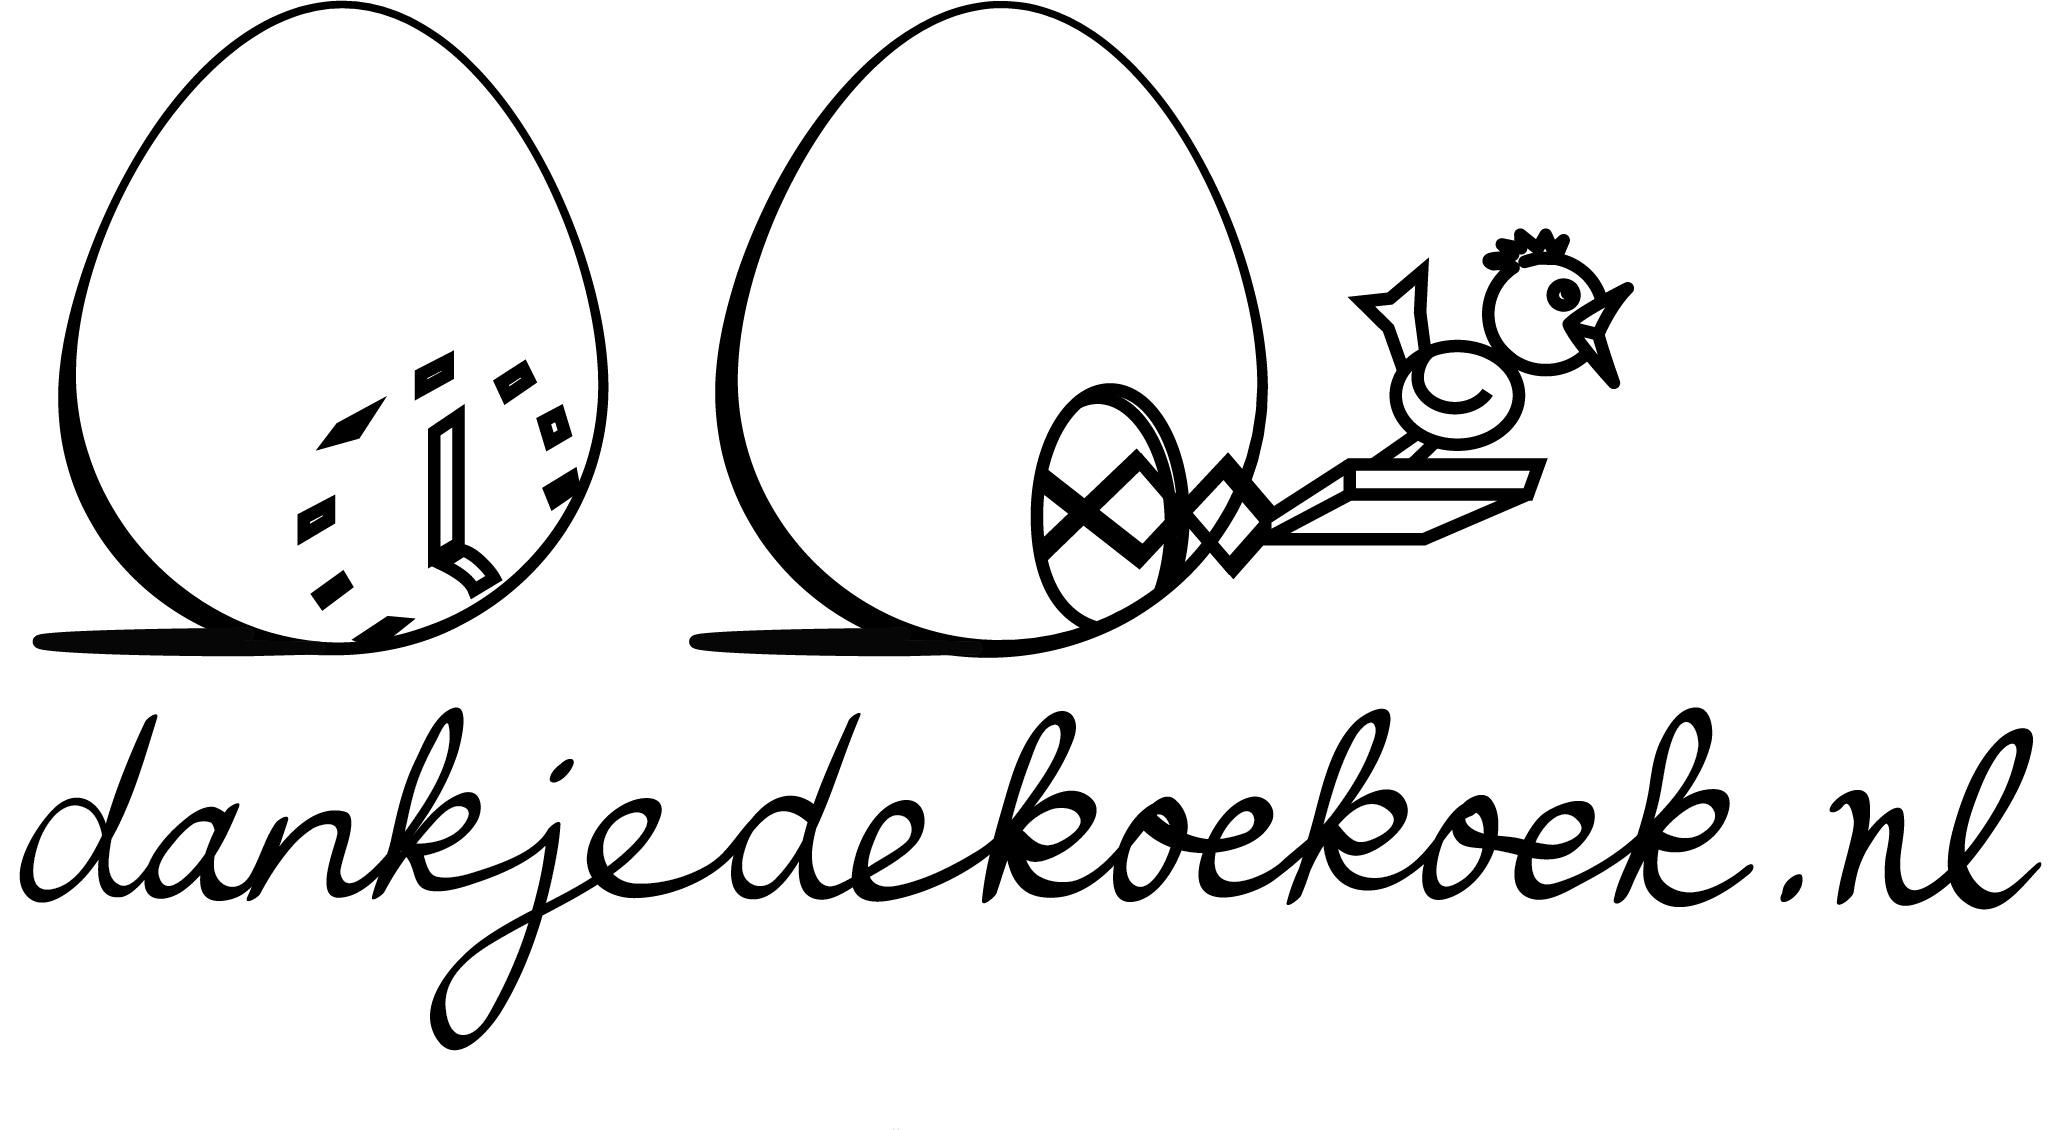 Dankjedekoekoek.nl